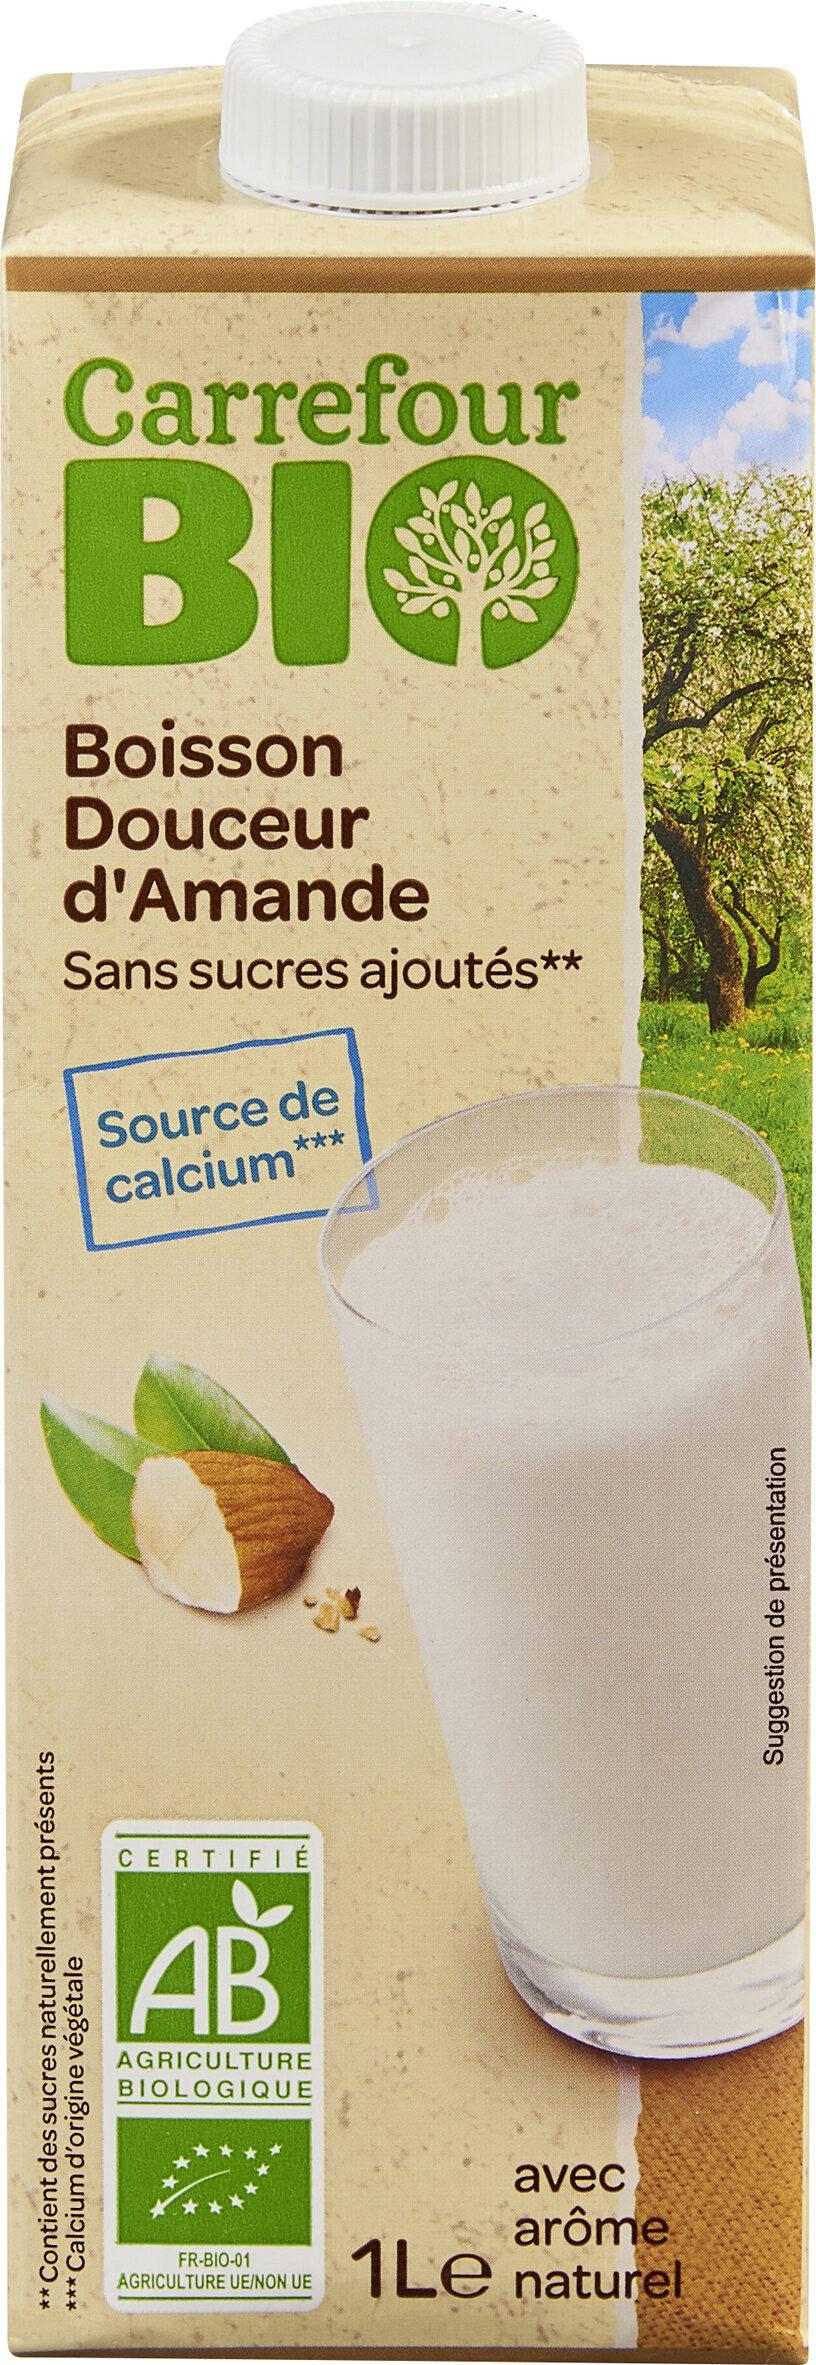 Boisson Douceur d'Amande - Produit